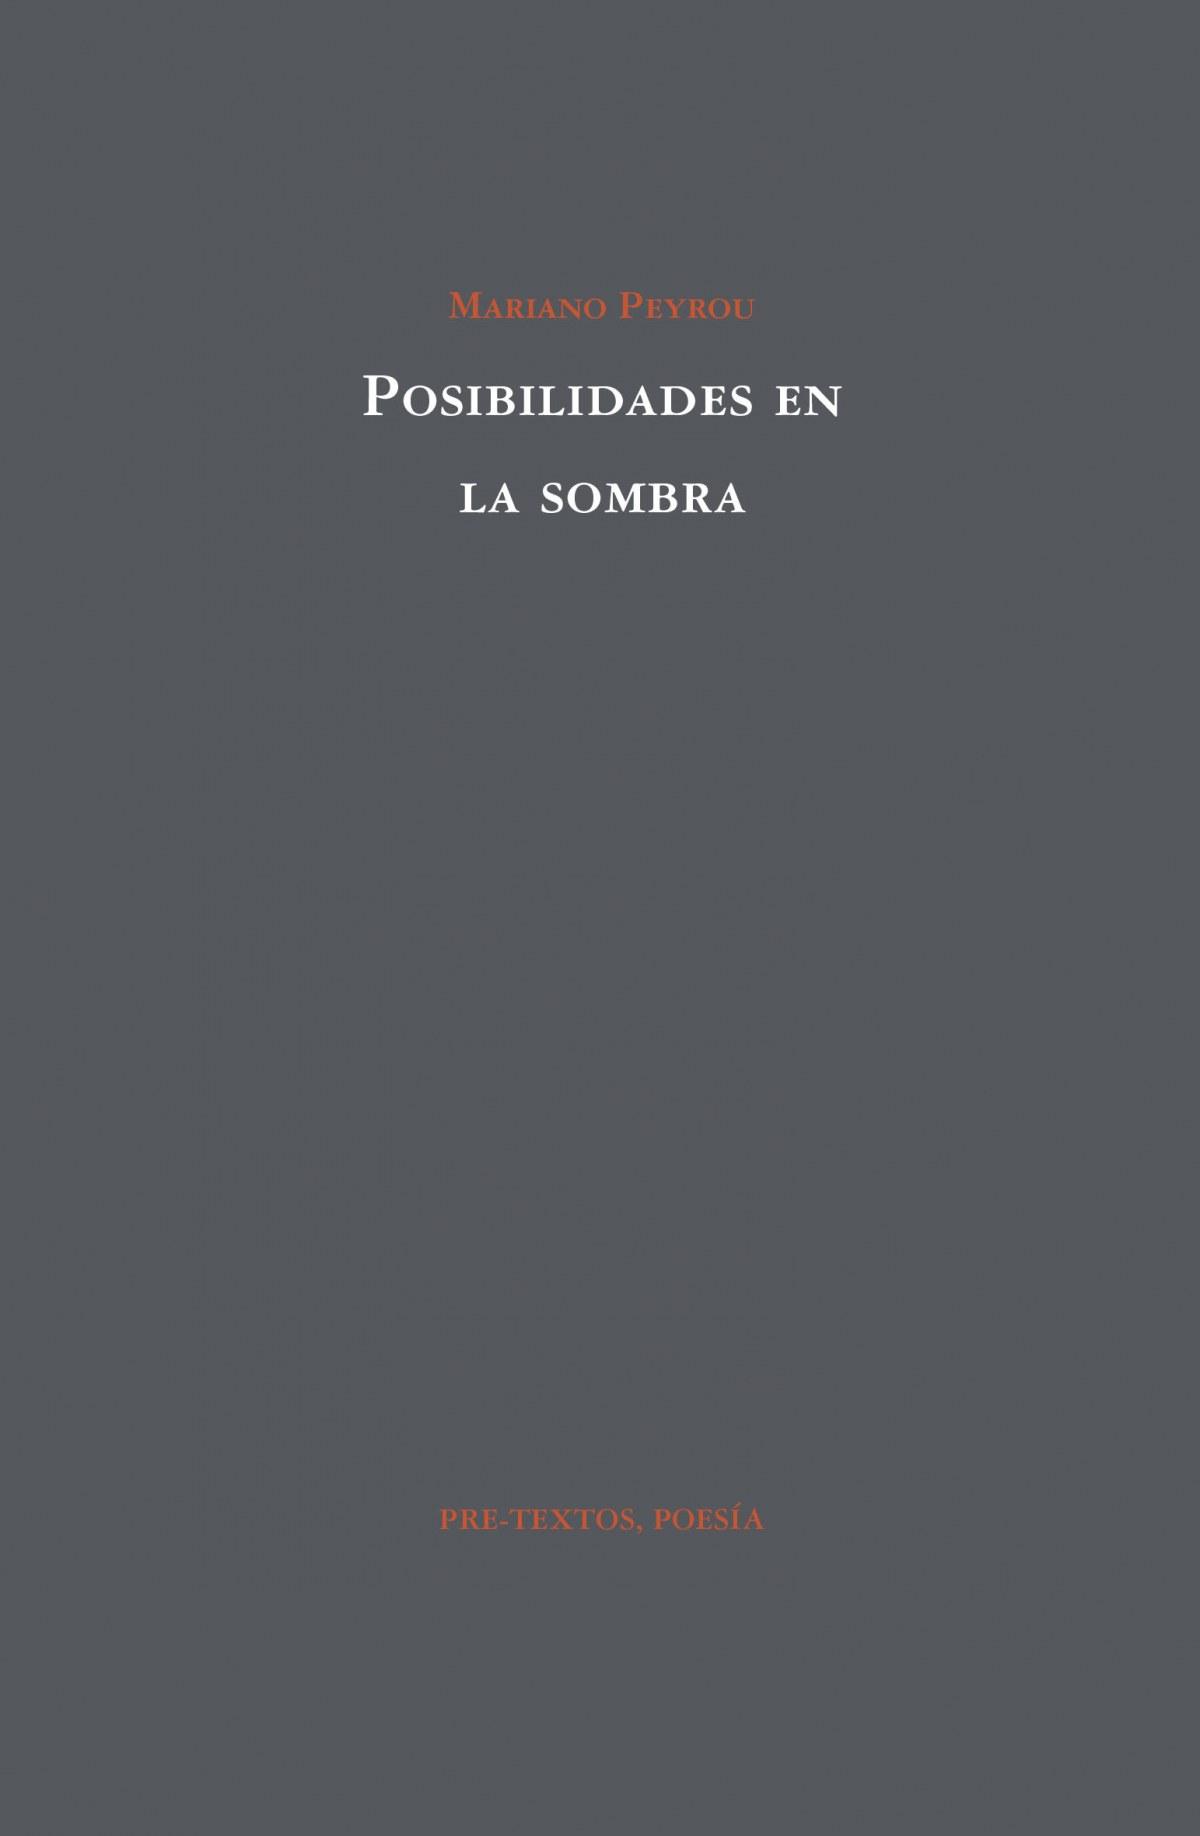 POSIBILIDADES EN LA SOMBRA